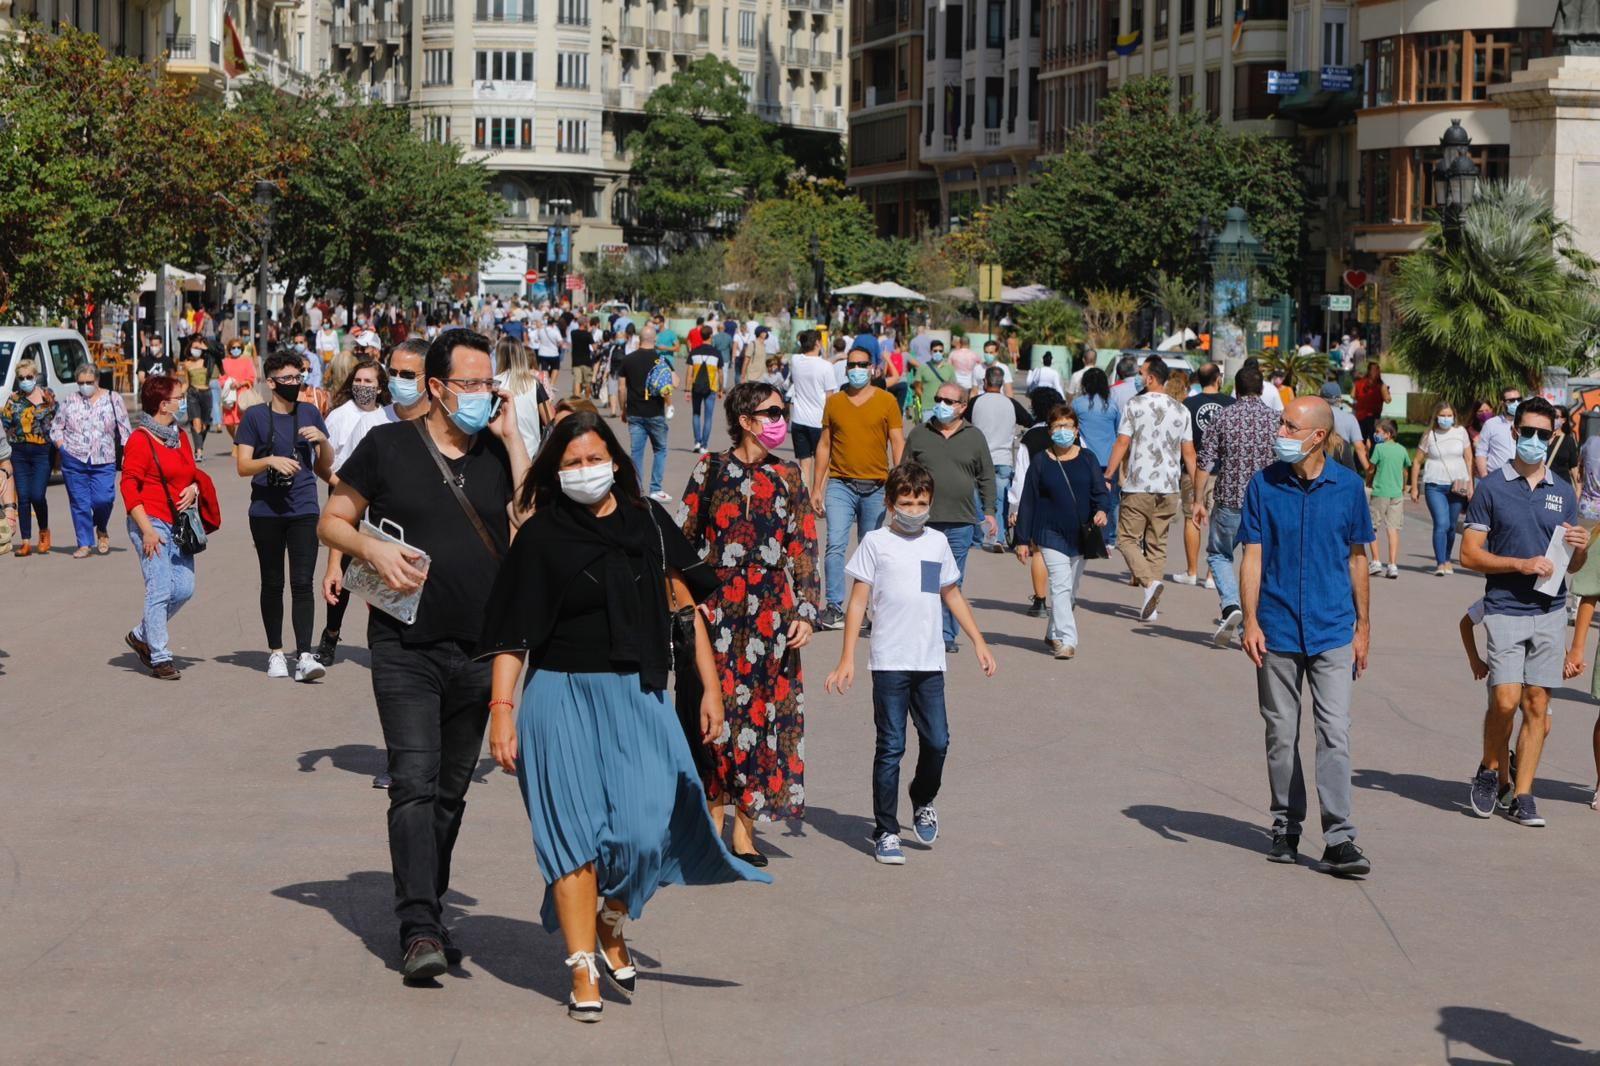 Adelantan la mascletà del 9 d'Octubre ante la aglomeración de gente en la plaza del Ayuntamiento